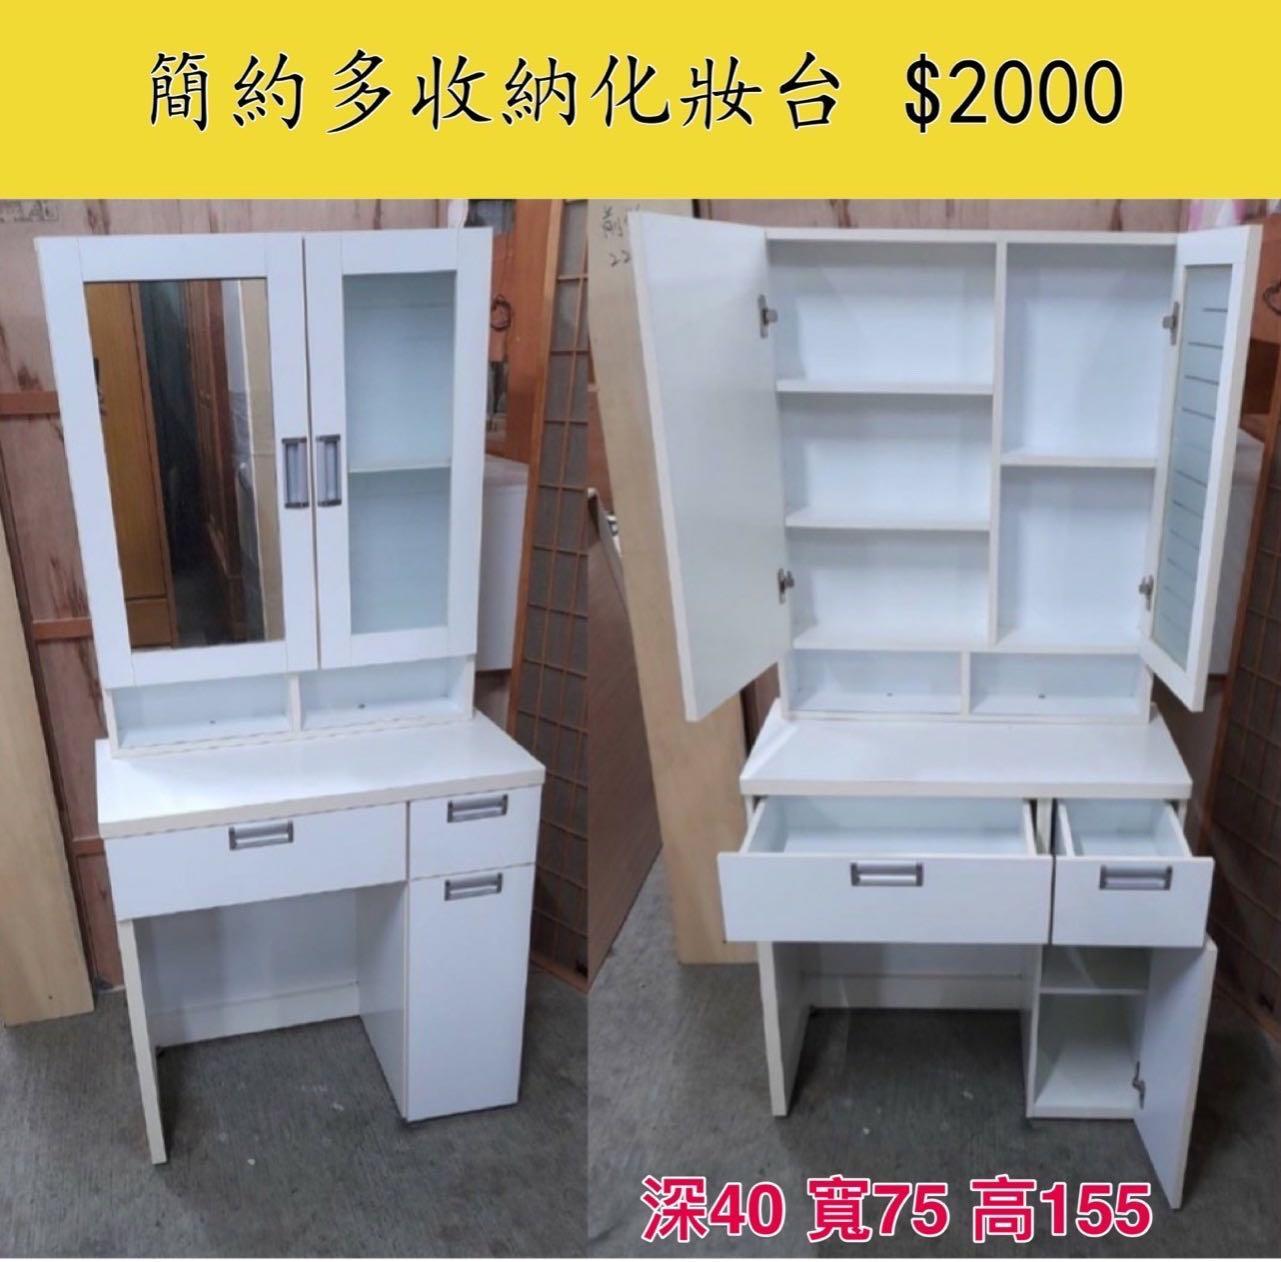 二手家具 簡易化妝台